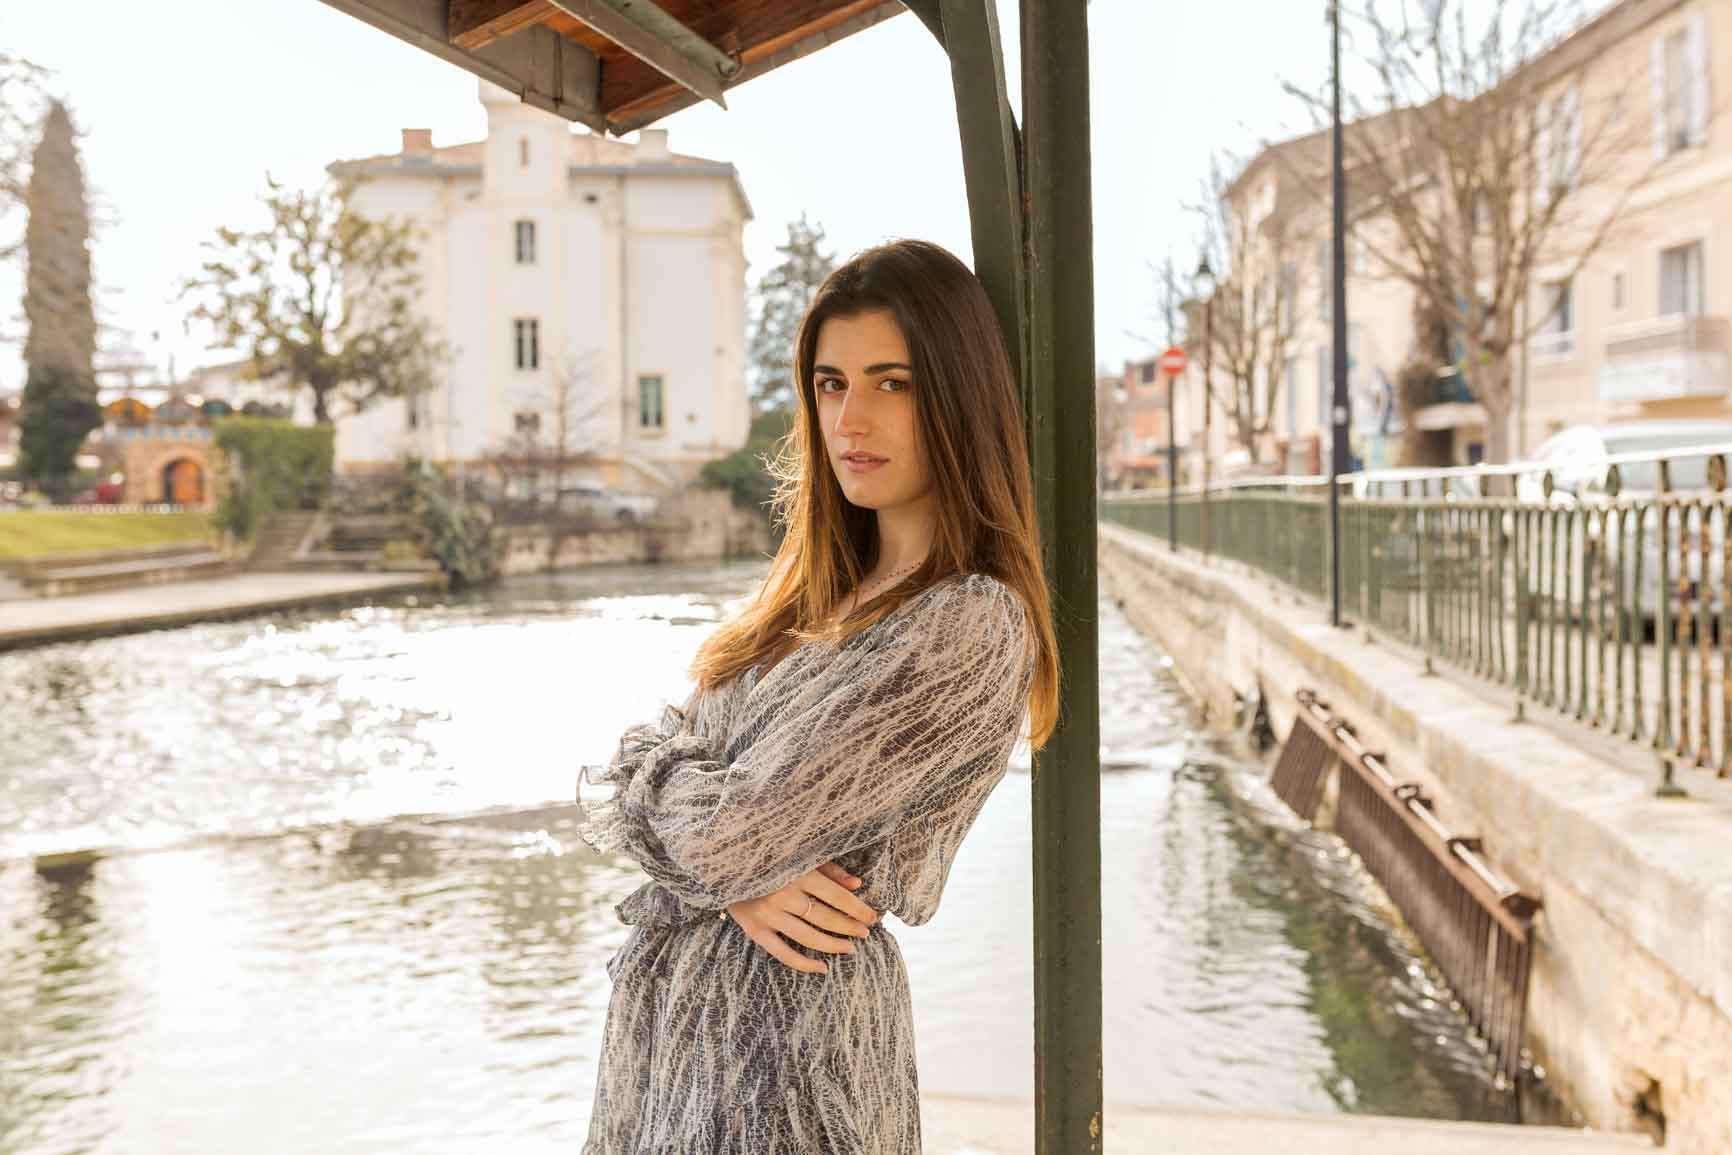 Séance portrait L'Isle-Sur-La-Sorgue   Justine Maquart Photographe